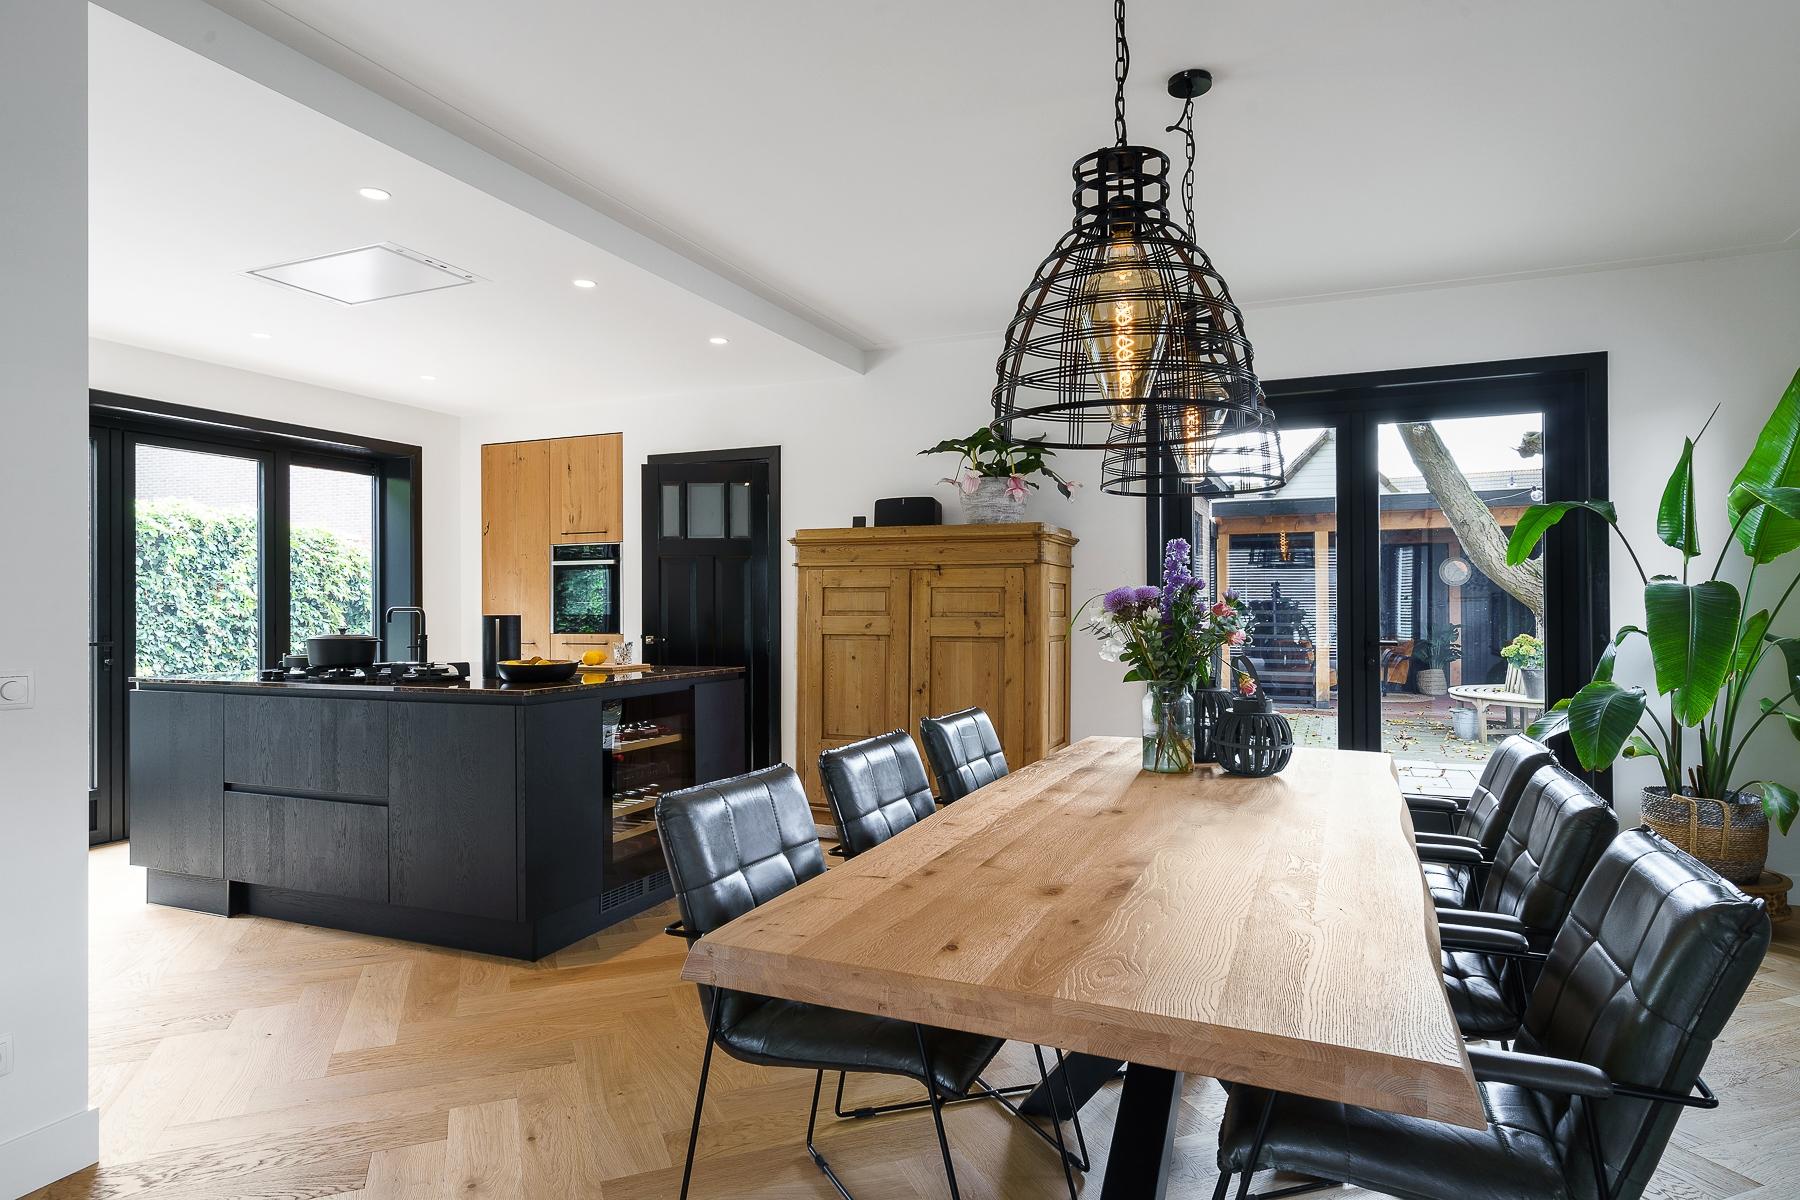 Moderne keuken met warme sfeer